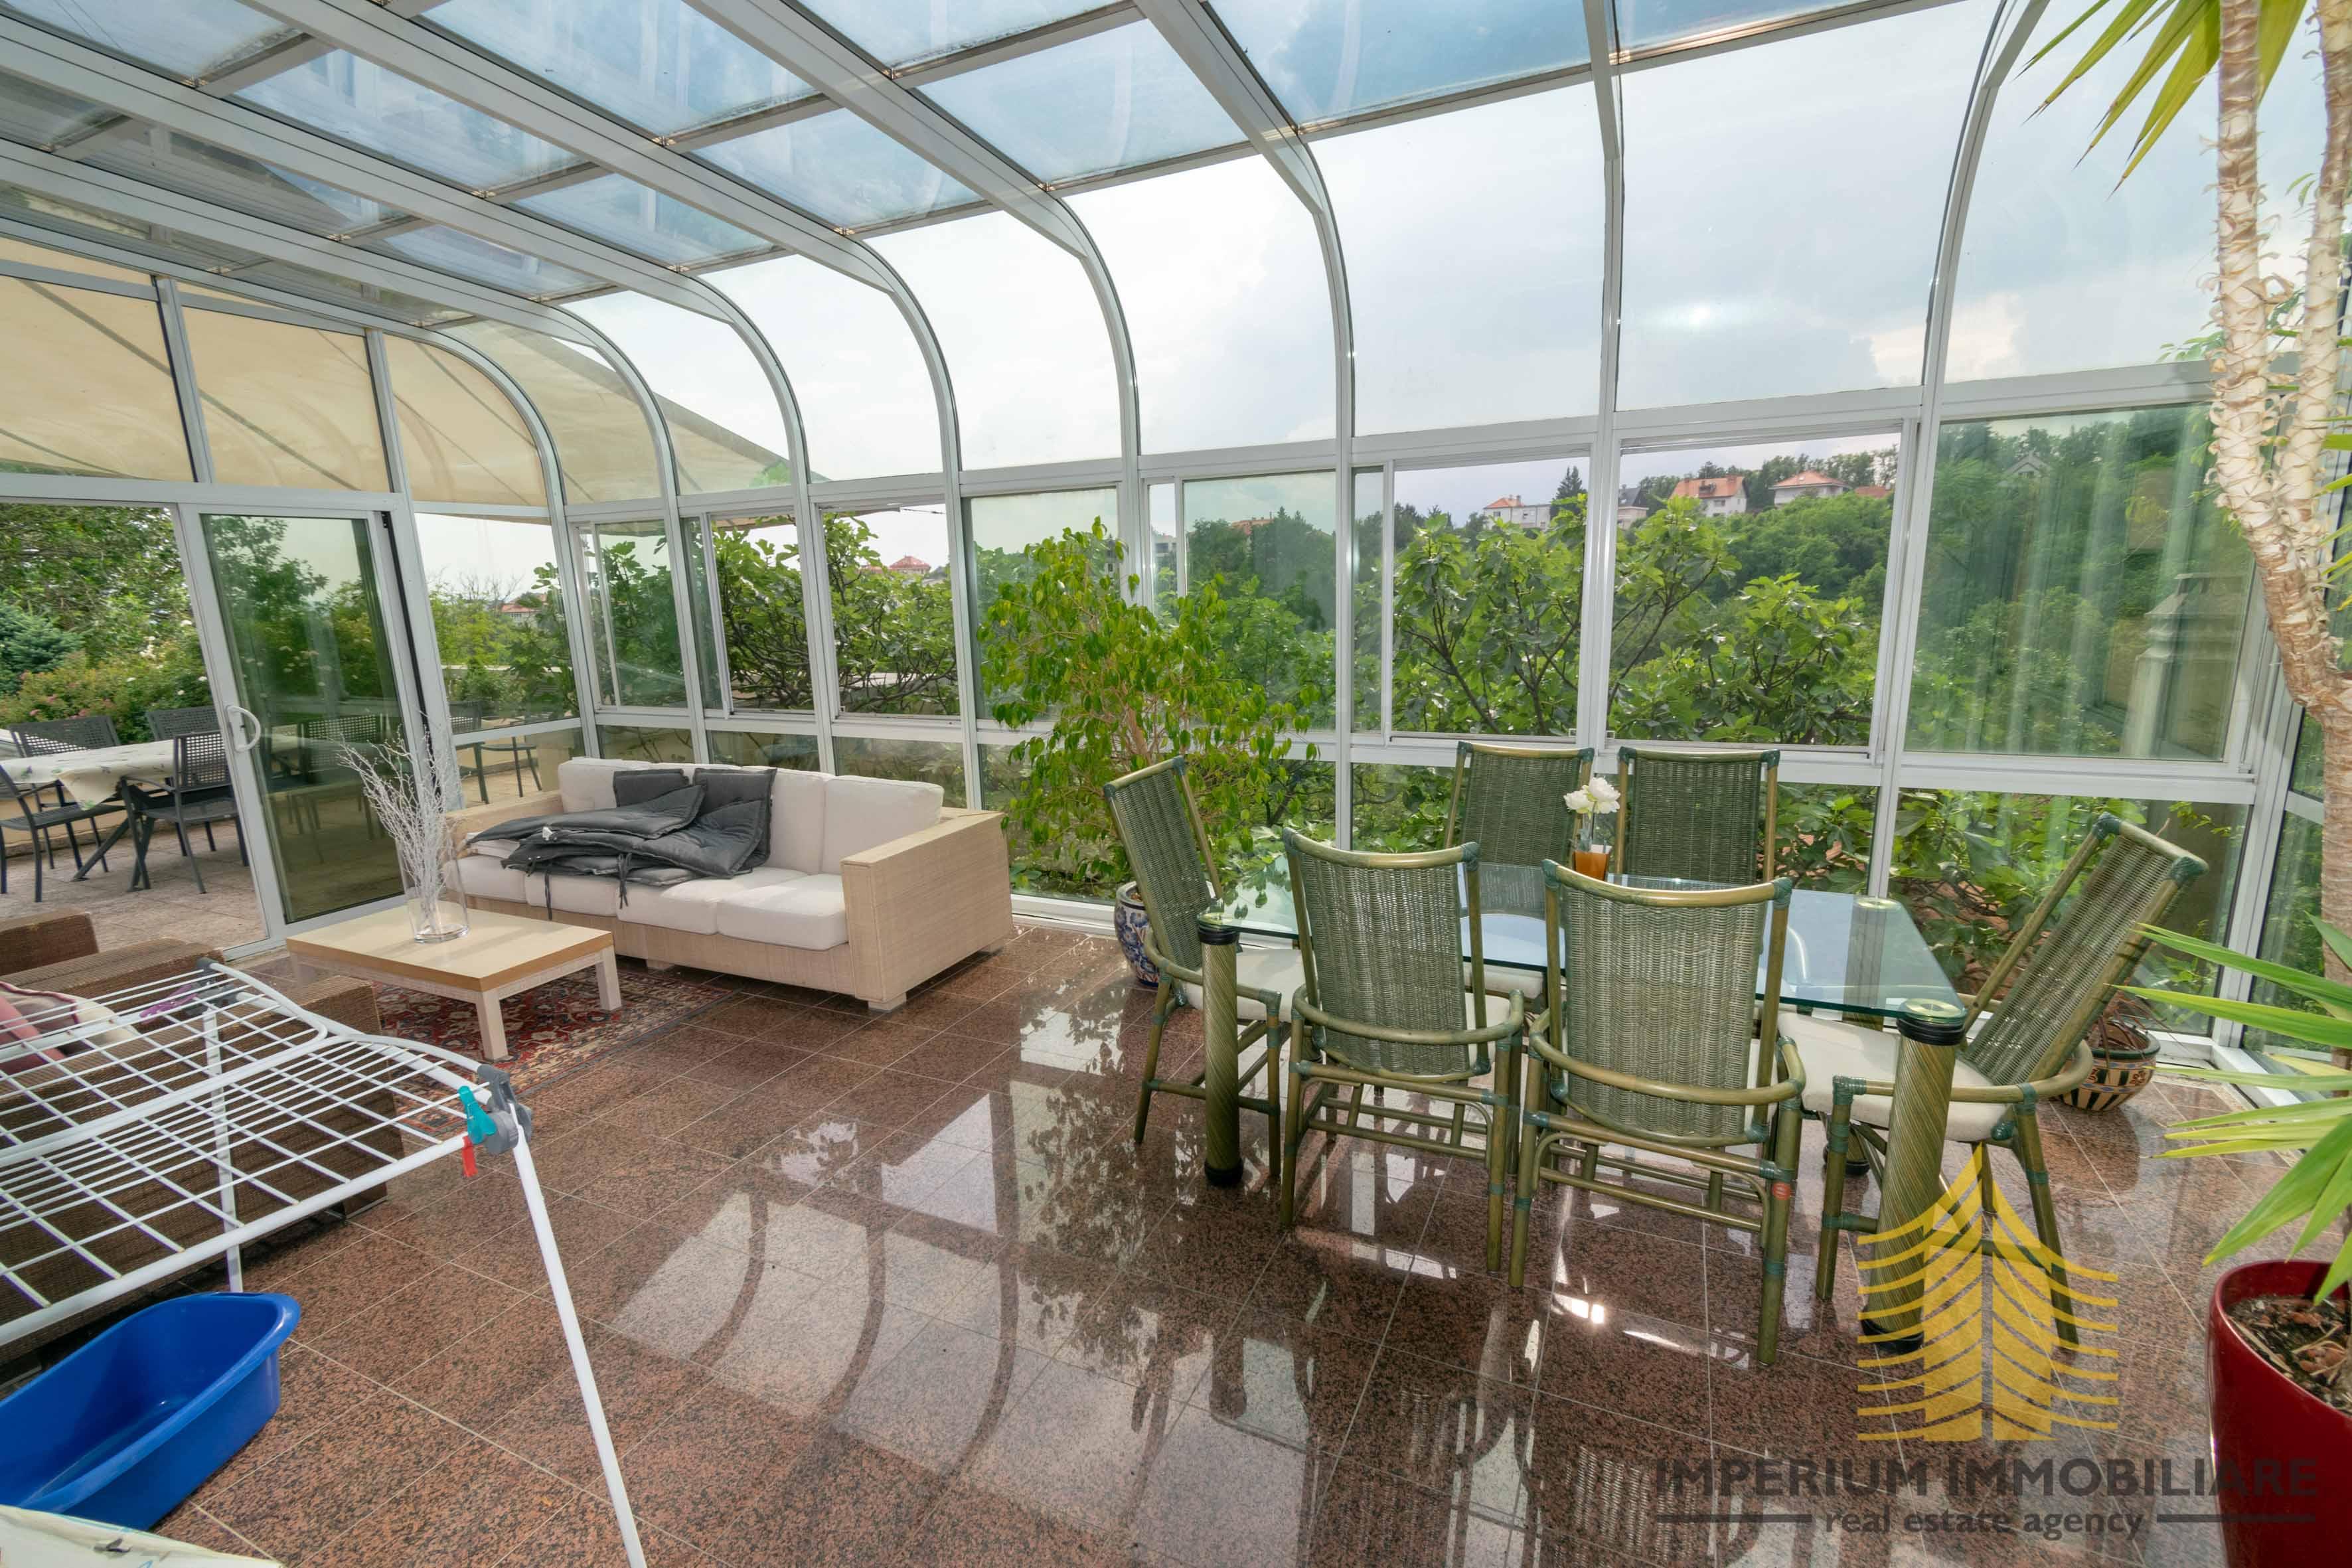 Kuća: Zagreb (Zelengaj), višekatnica, 220.00 m2 i zemljište 1187 m2 (prodaja)